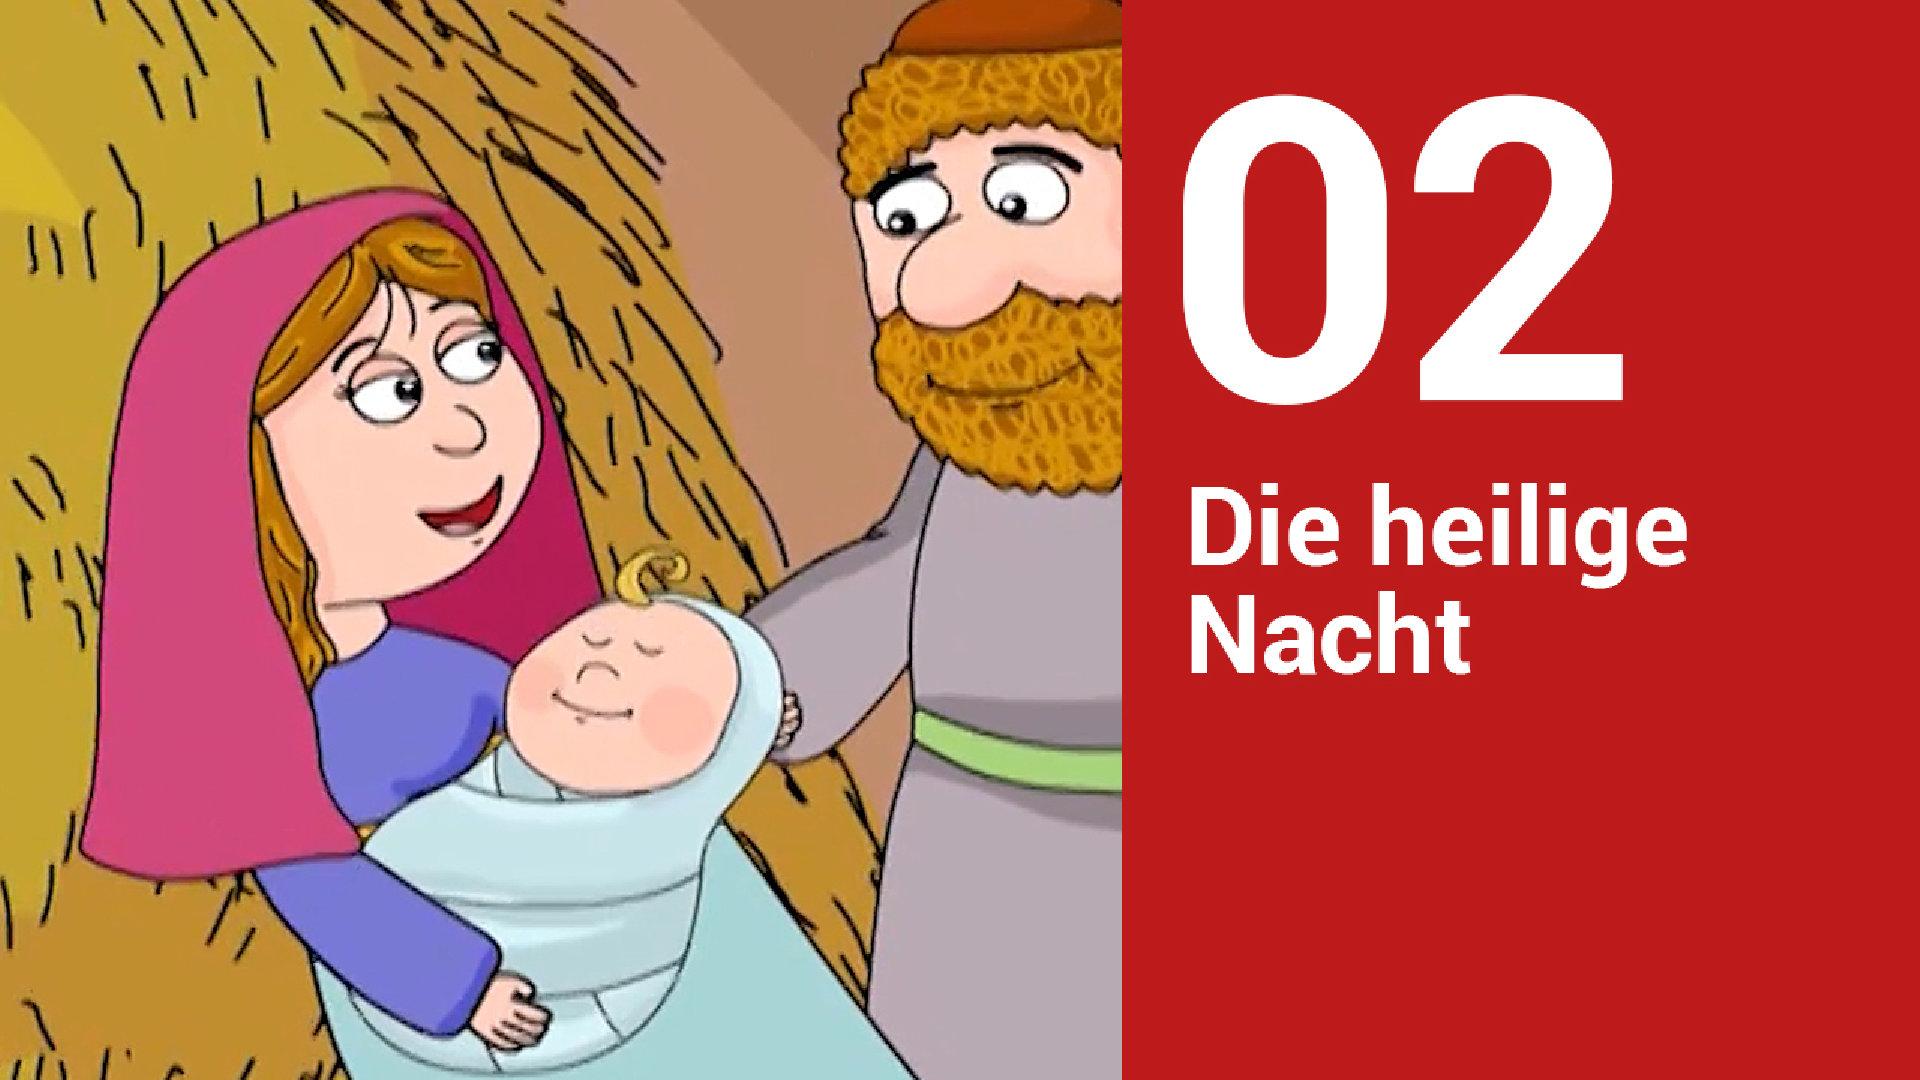 Die Weihnachtsgeschichte für Kinder erzählt - katholisch.de